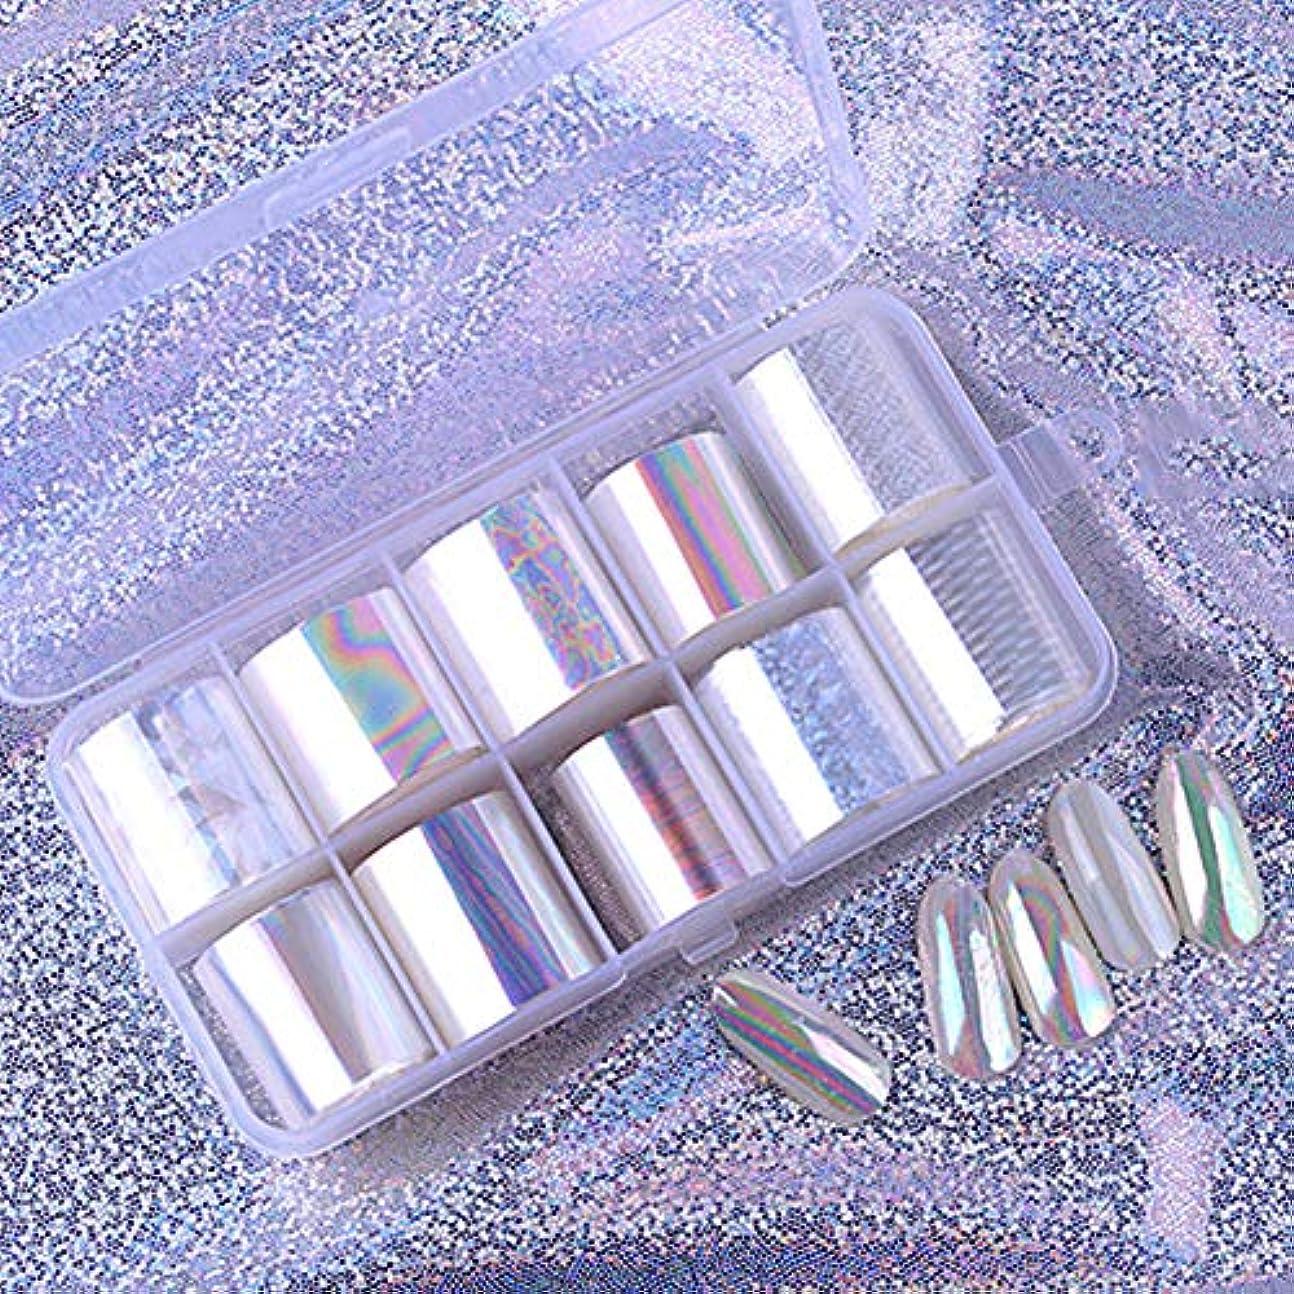 モバイル不要バーベキューOurine ネイルステッカー ネイルスター紙パッケージリーフレット 光沢のある星空紙 ネイルアートジェルセット ポーランドUV LEDゲル ネイルポリッシュ ネイルシール テープ ネイル 10枚セット 収納ケース